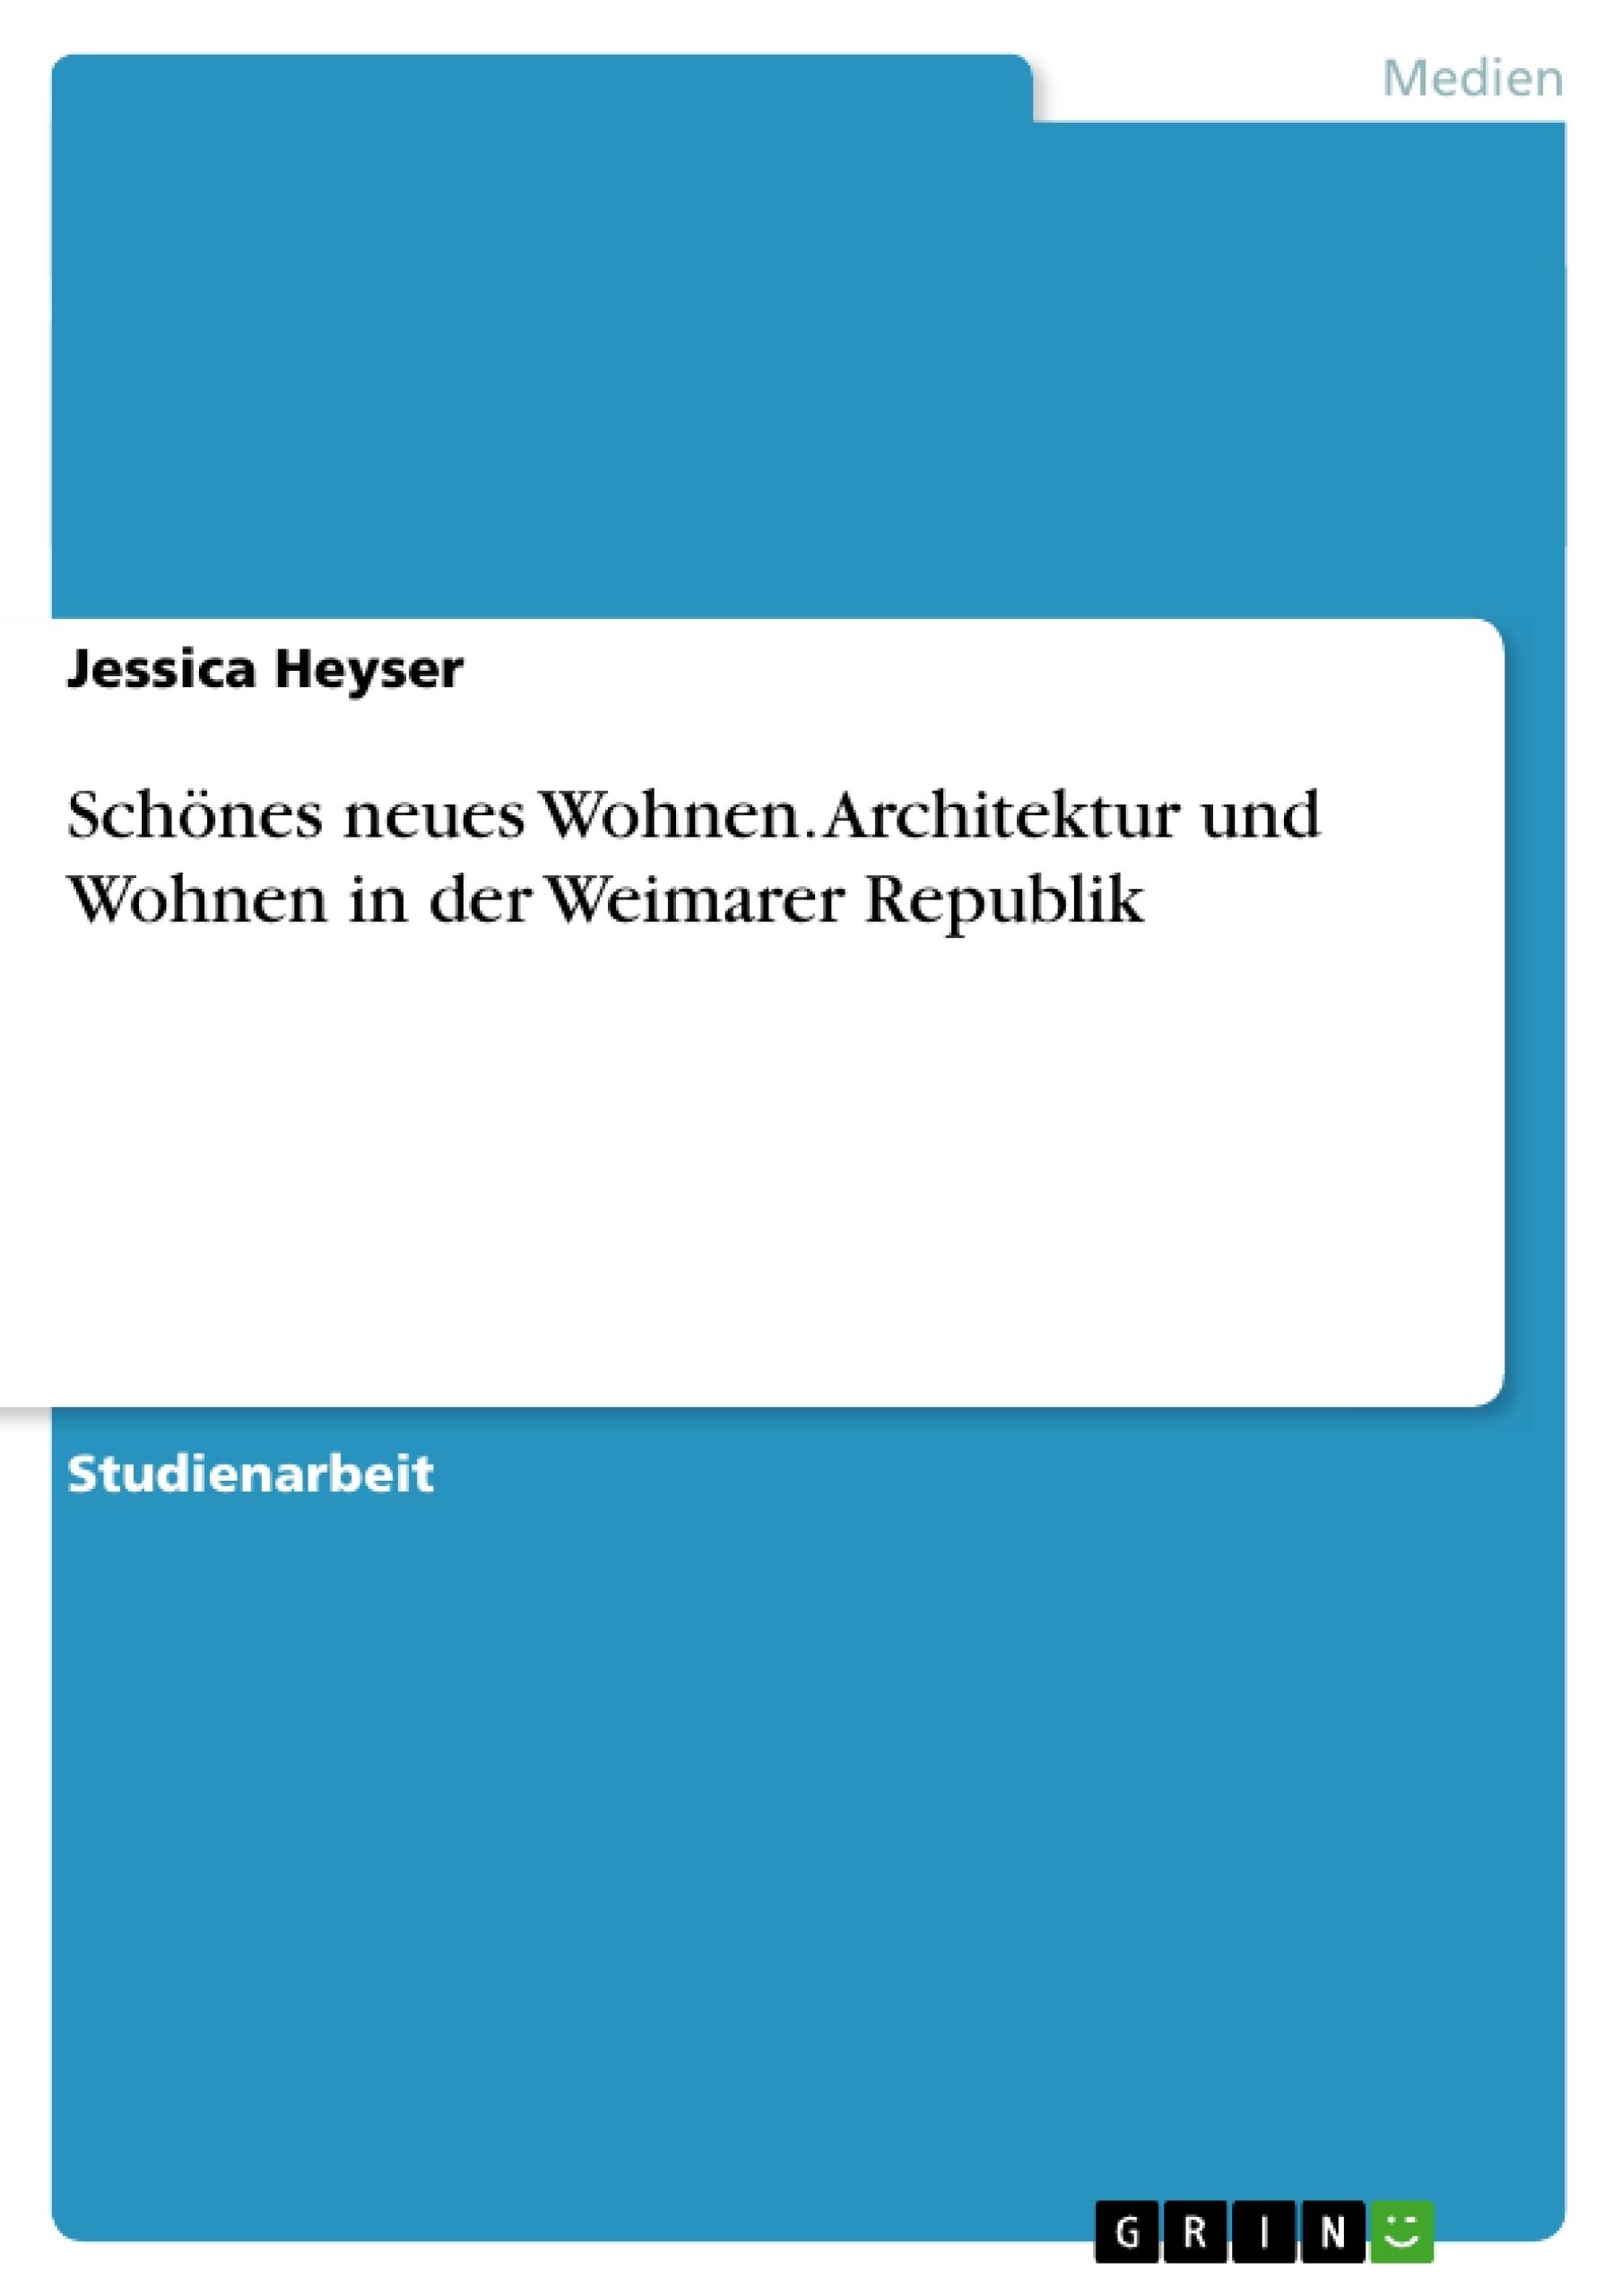 Titel: Schönes neues Wohnen. Architektur und Wohnen in der Weimarer Republik